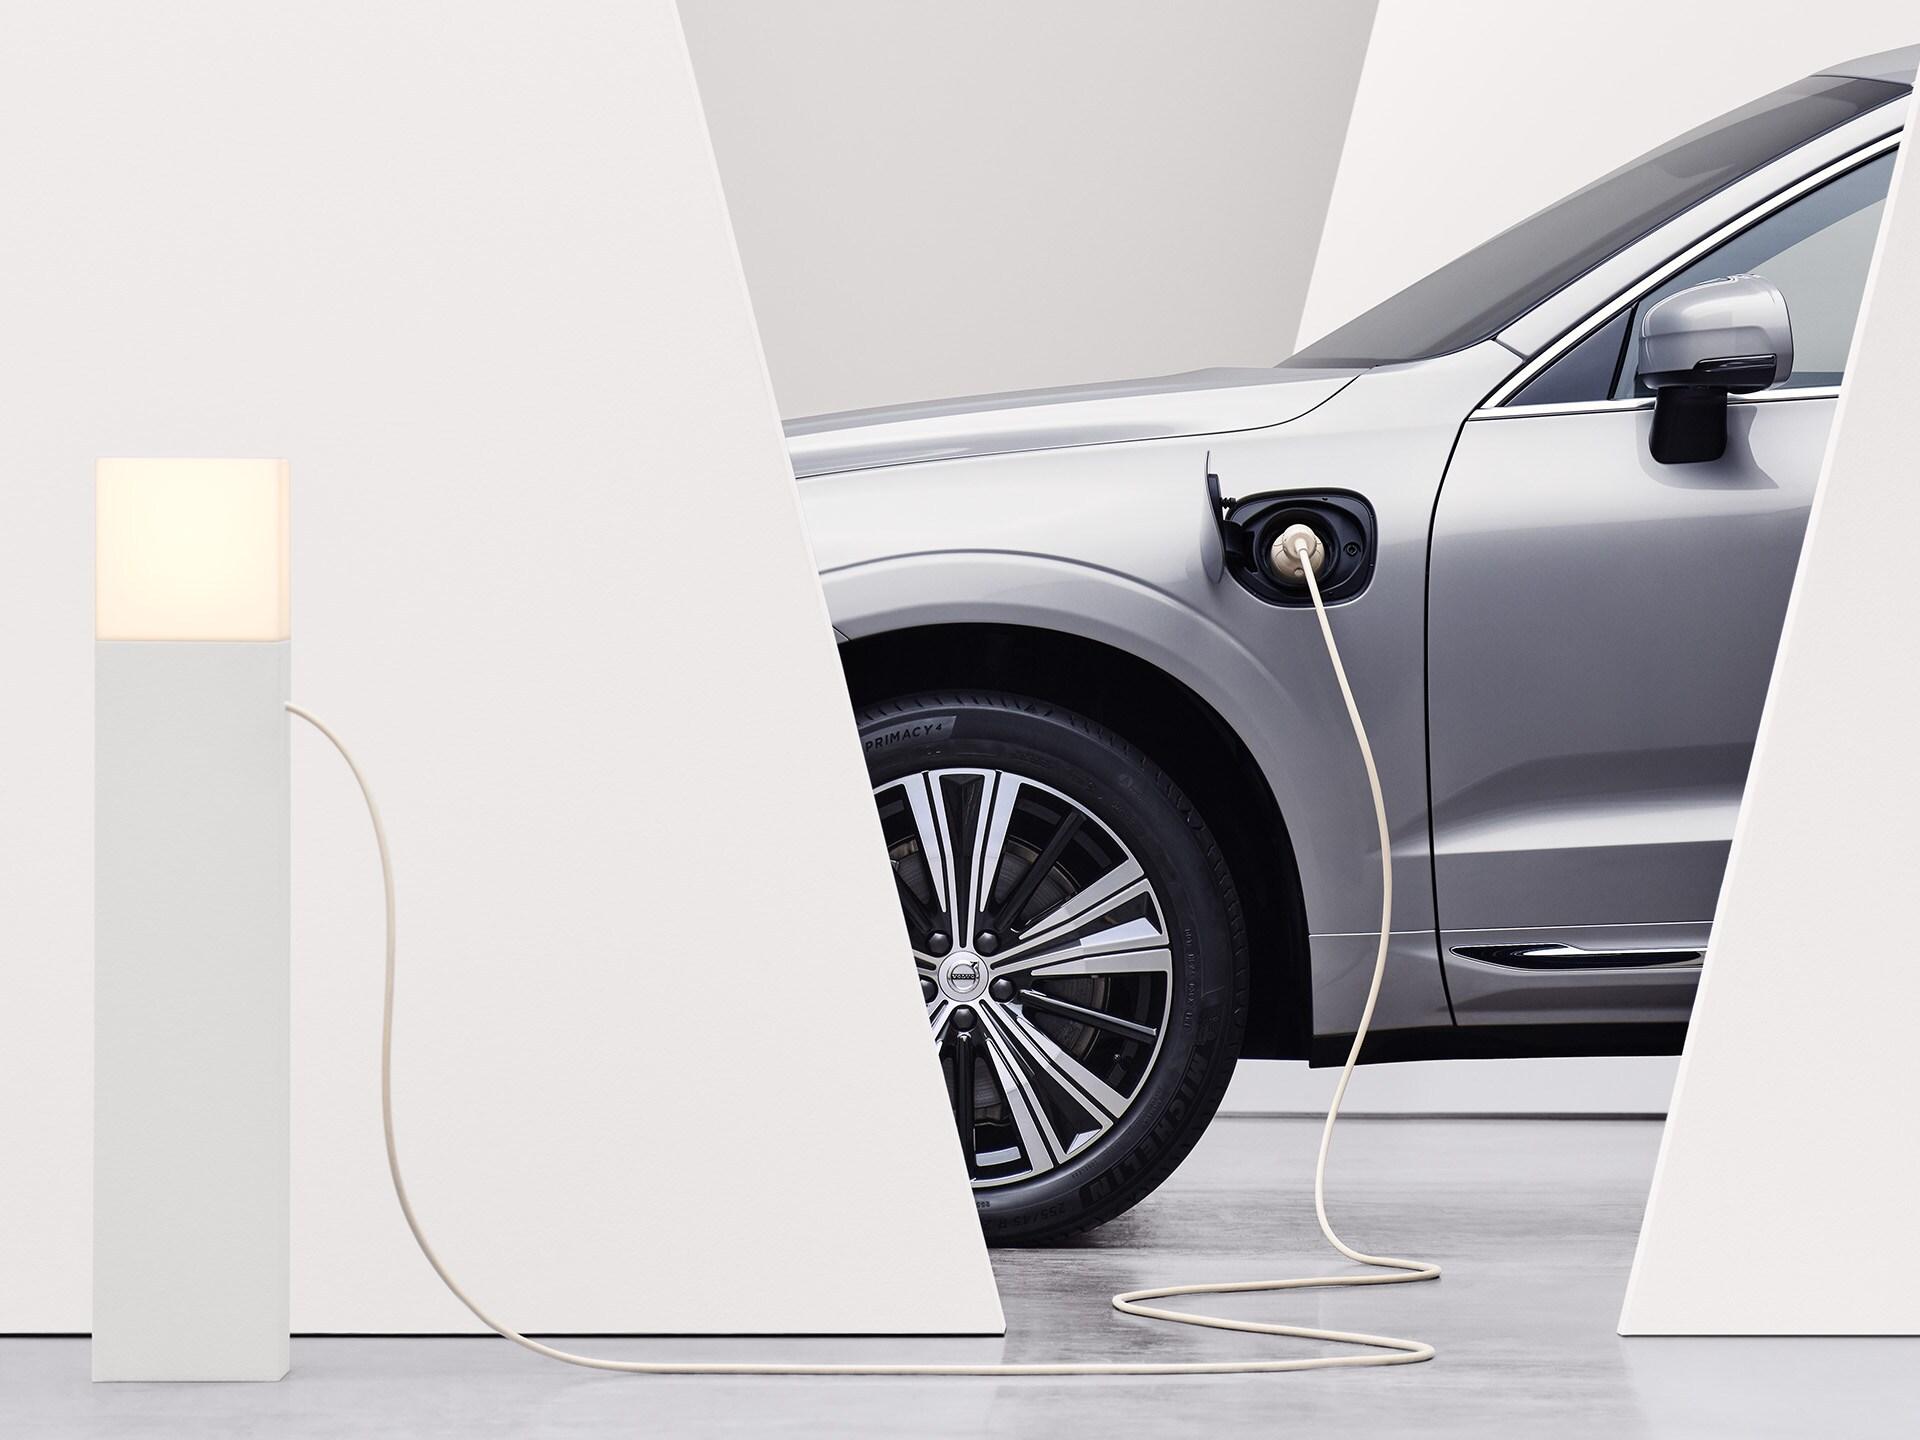 SUV Volvo argent lumineux en stationnement, branché sur une borne de recharge